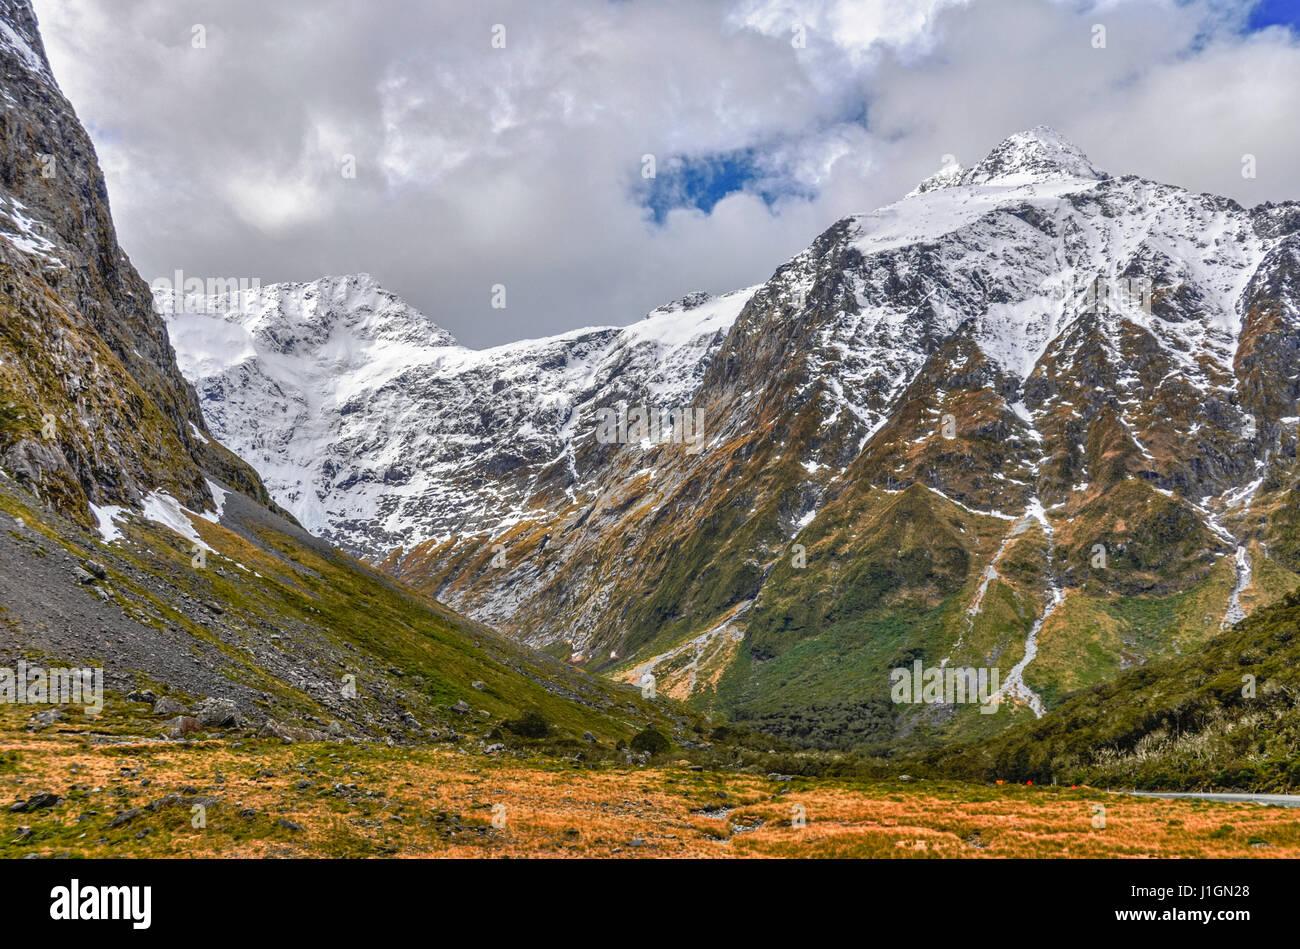 Schneebedeckte Berge in der Milford Road, eine der schönsten Panoramastraßen in Neuseeland Stockfoto